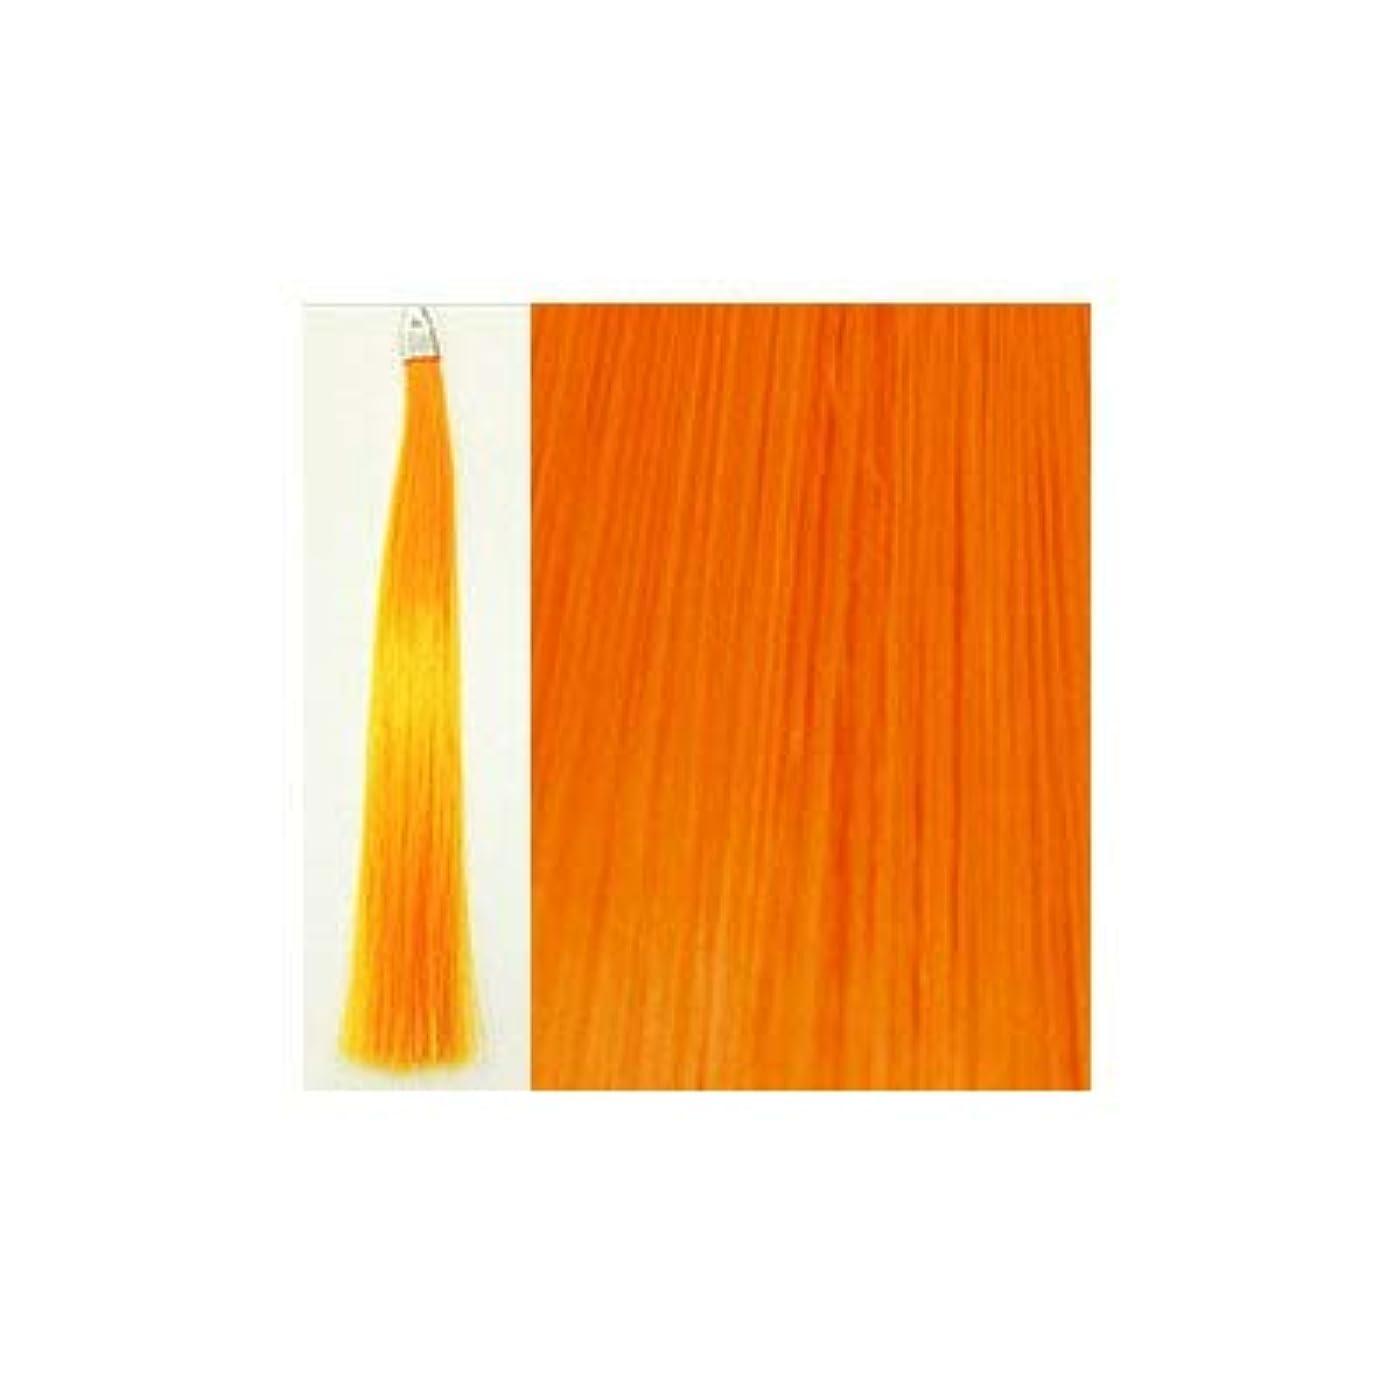 明快バナナ文字通りカミエク ヘアーエクステンション ライトオレンジ 4本毛